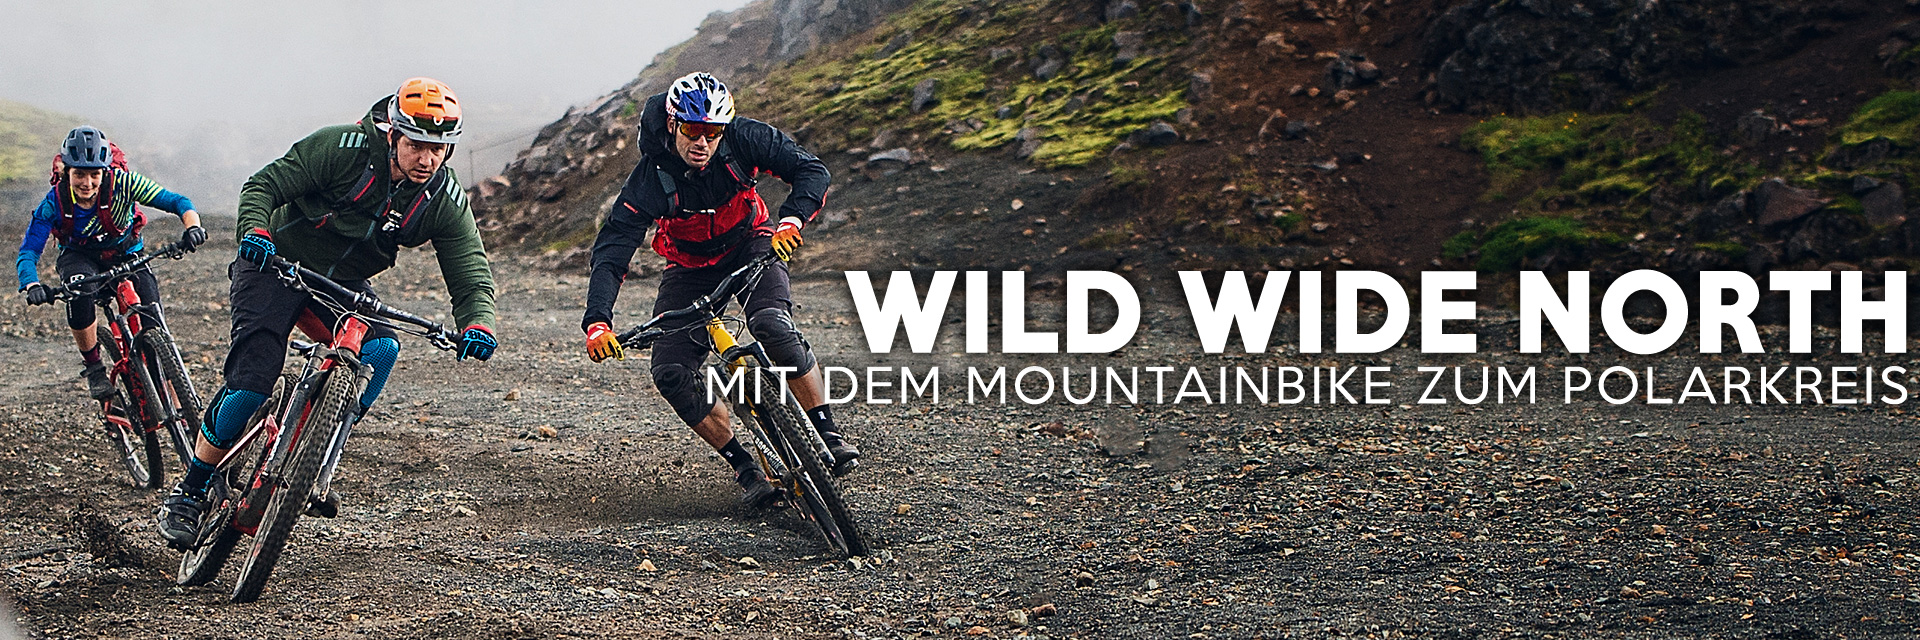 Wild Wide North – Mit dem Fahrrad zum Polarkreis